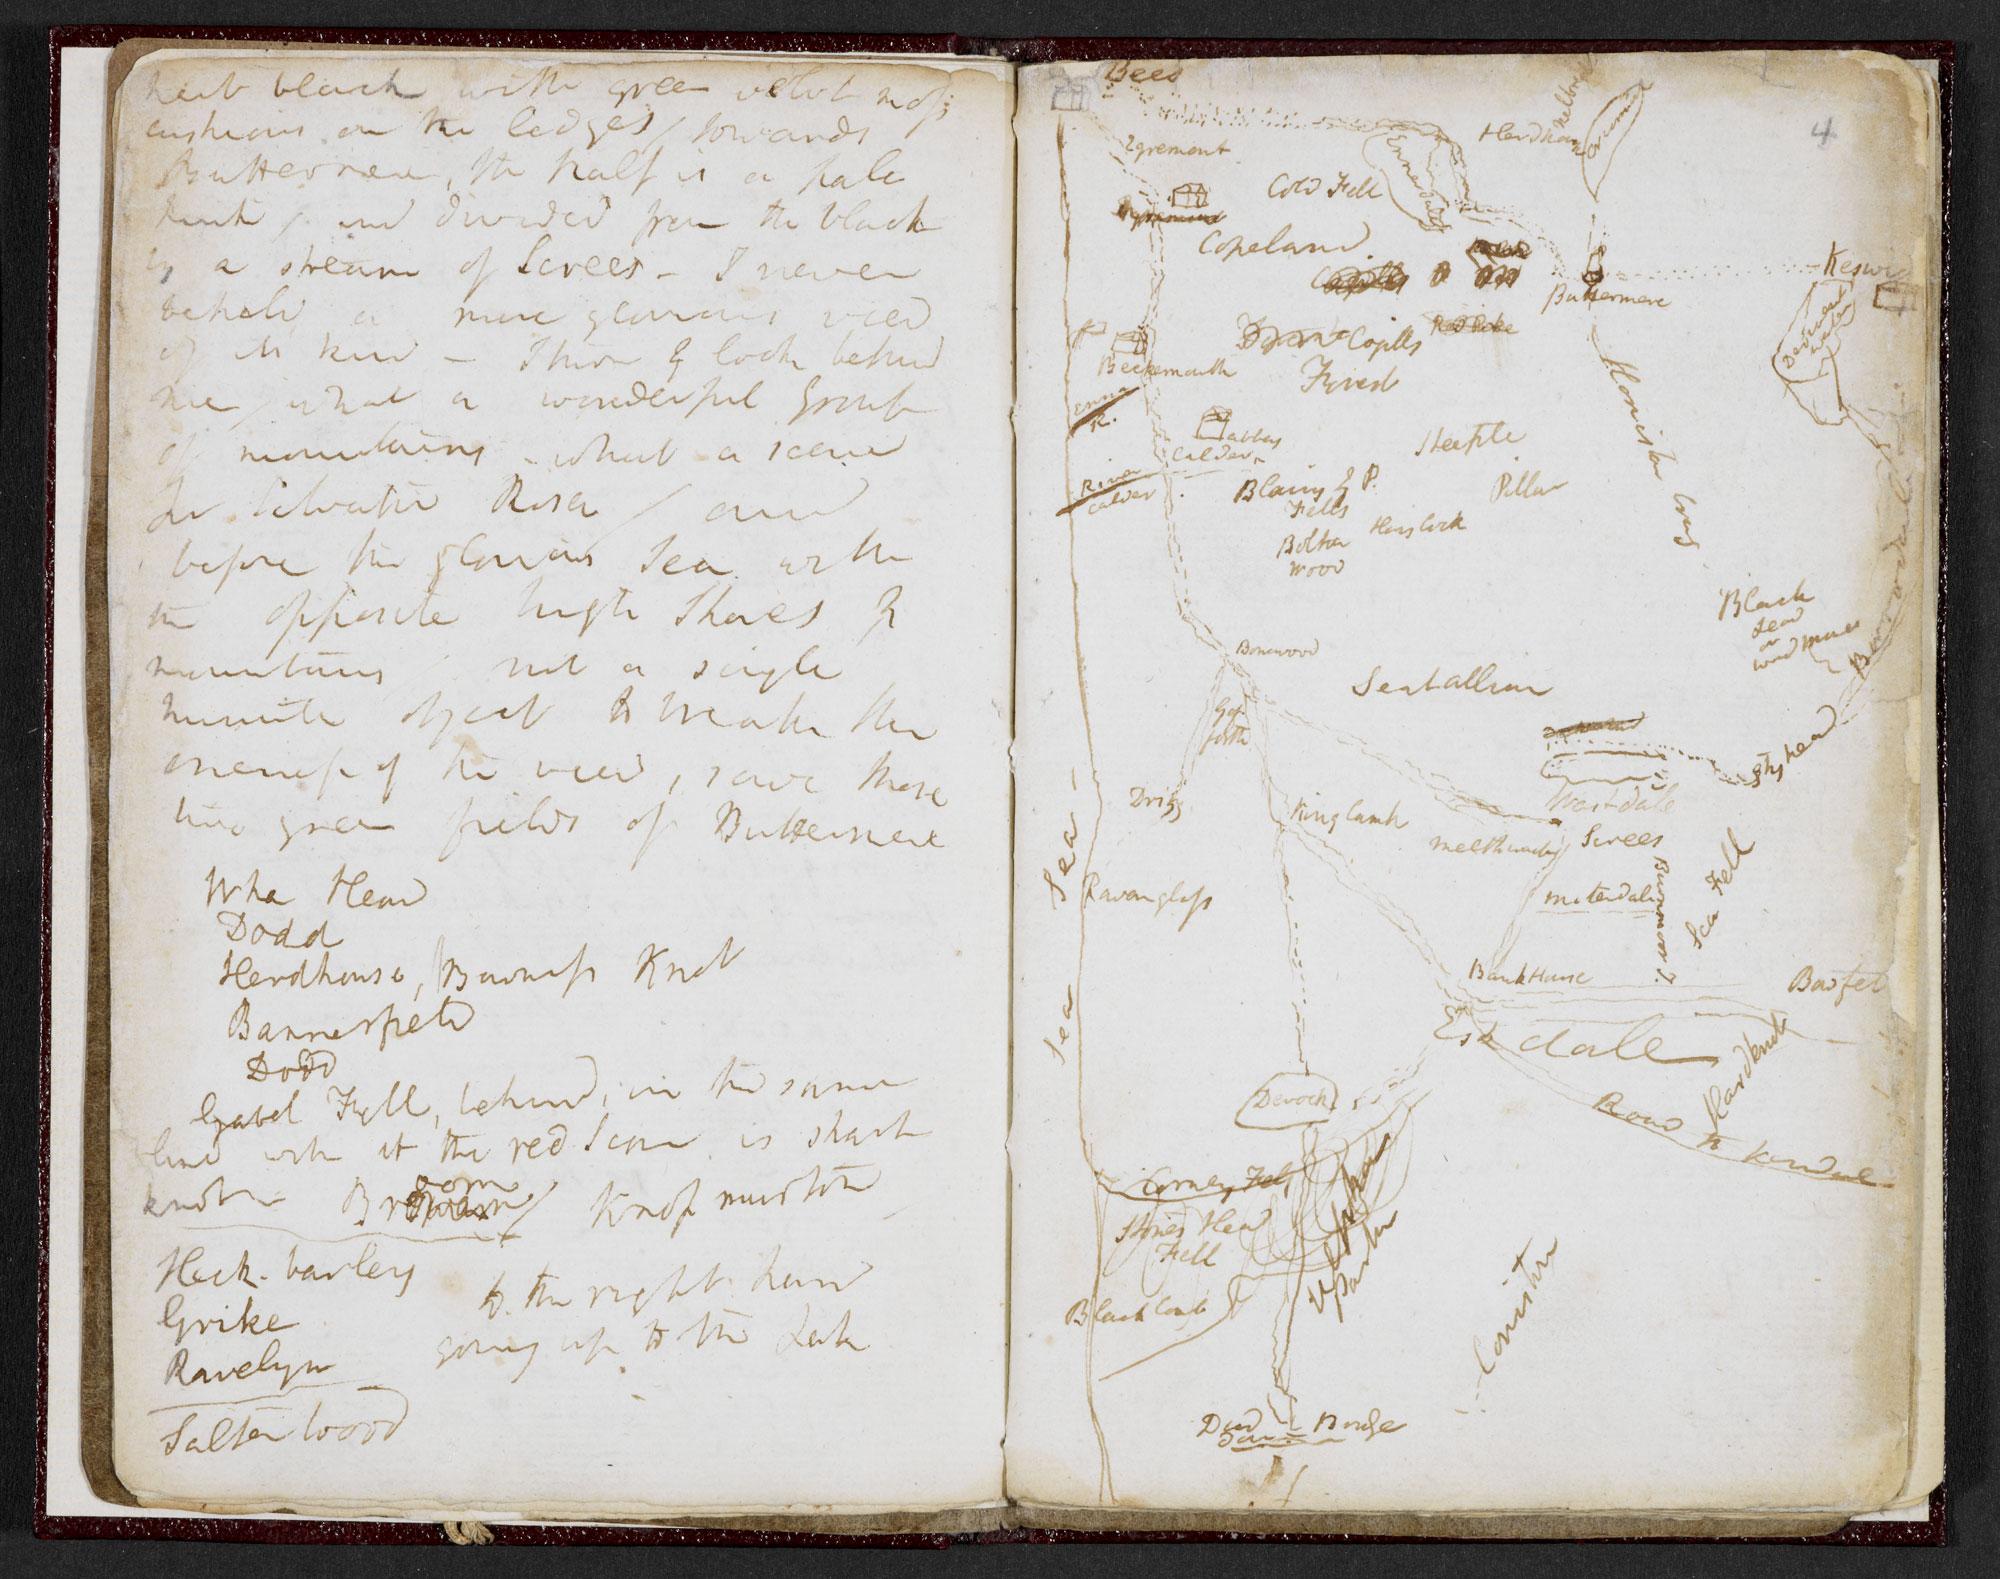 Samuel Taylor Coleridge, A Walking Tour of Cumbria [folio: 3v-4r]